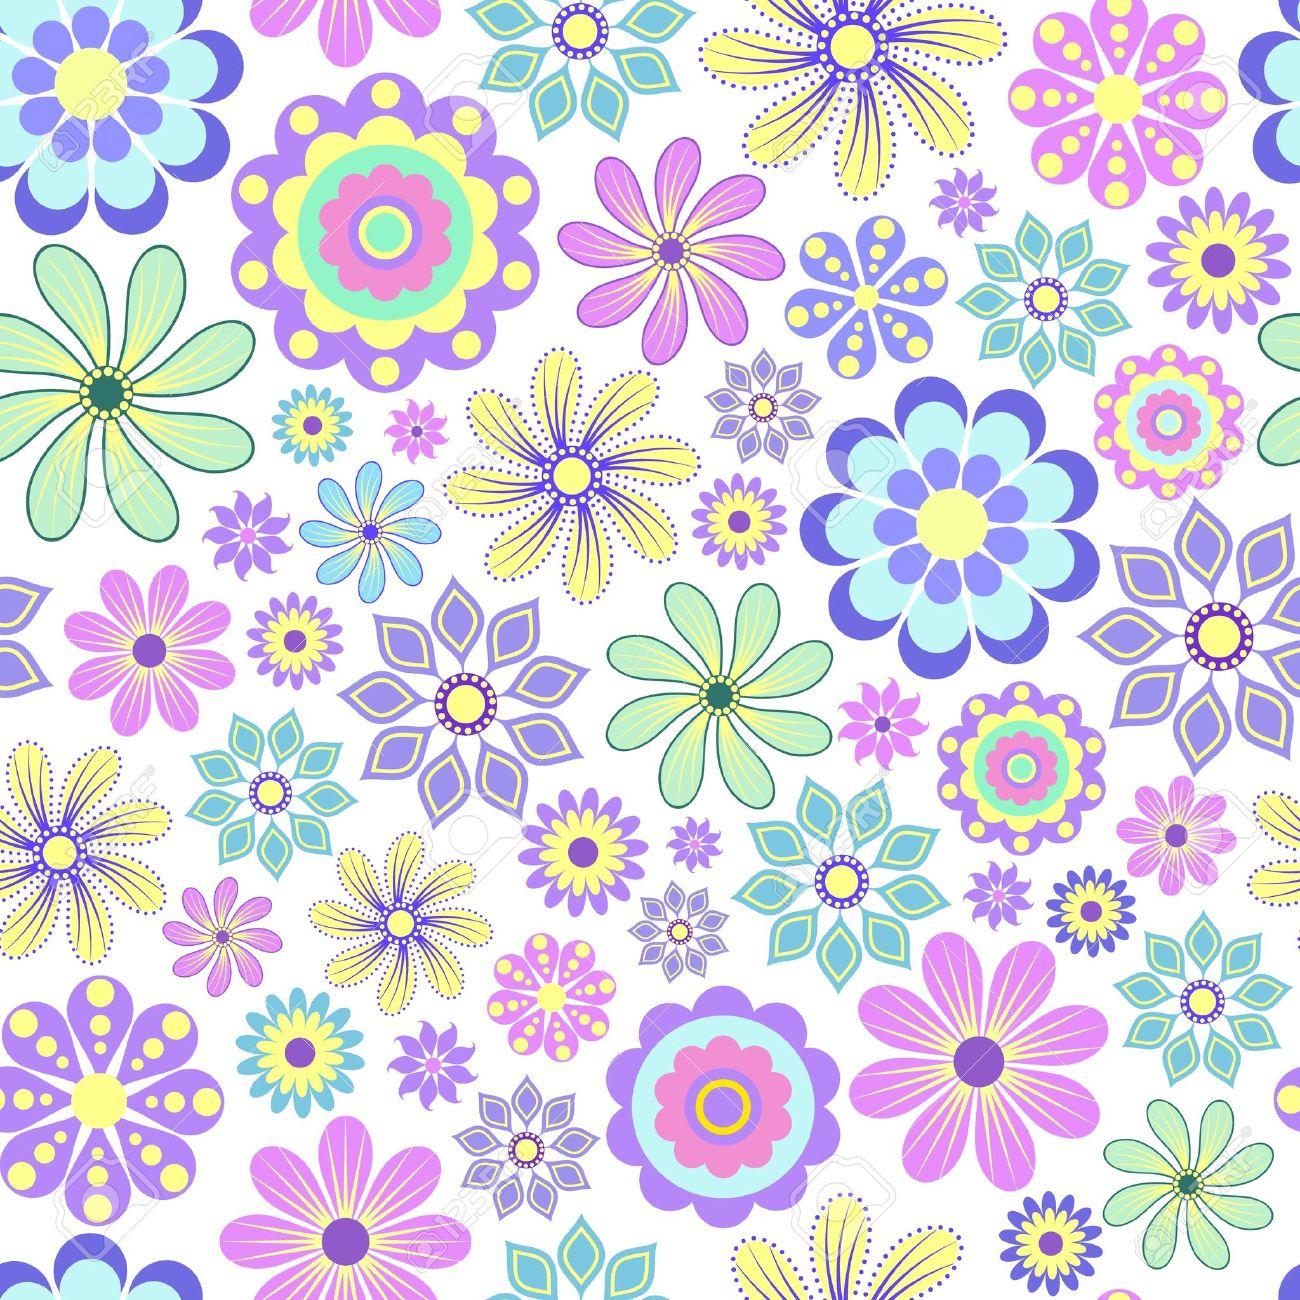 Ilustración Vectorial De Flores En Colores Pastel Sobre Fondo Blanco